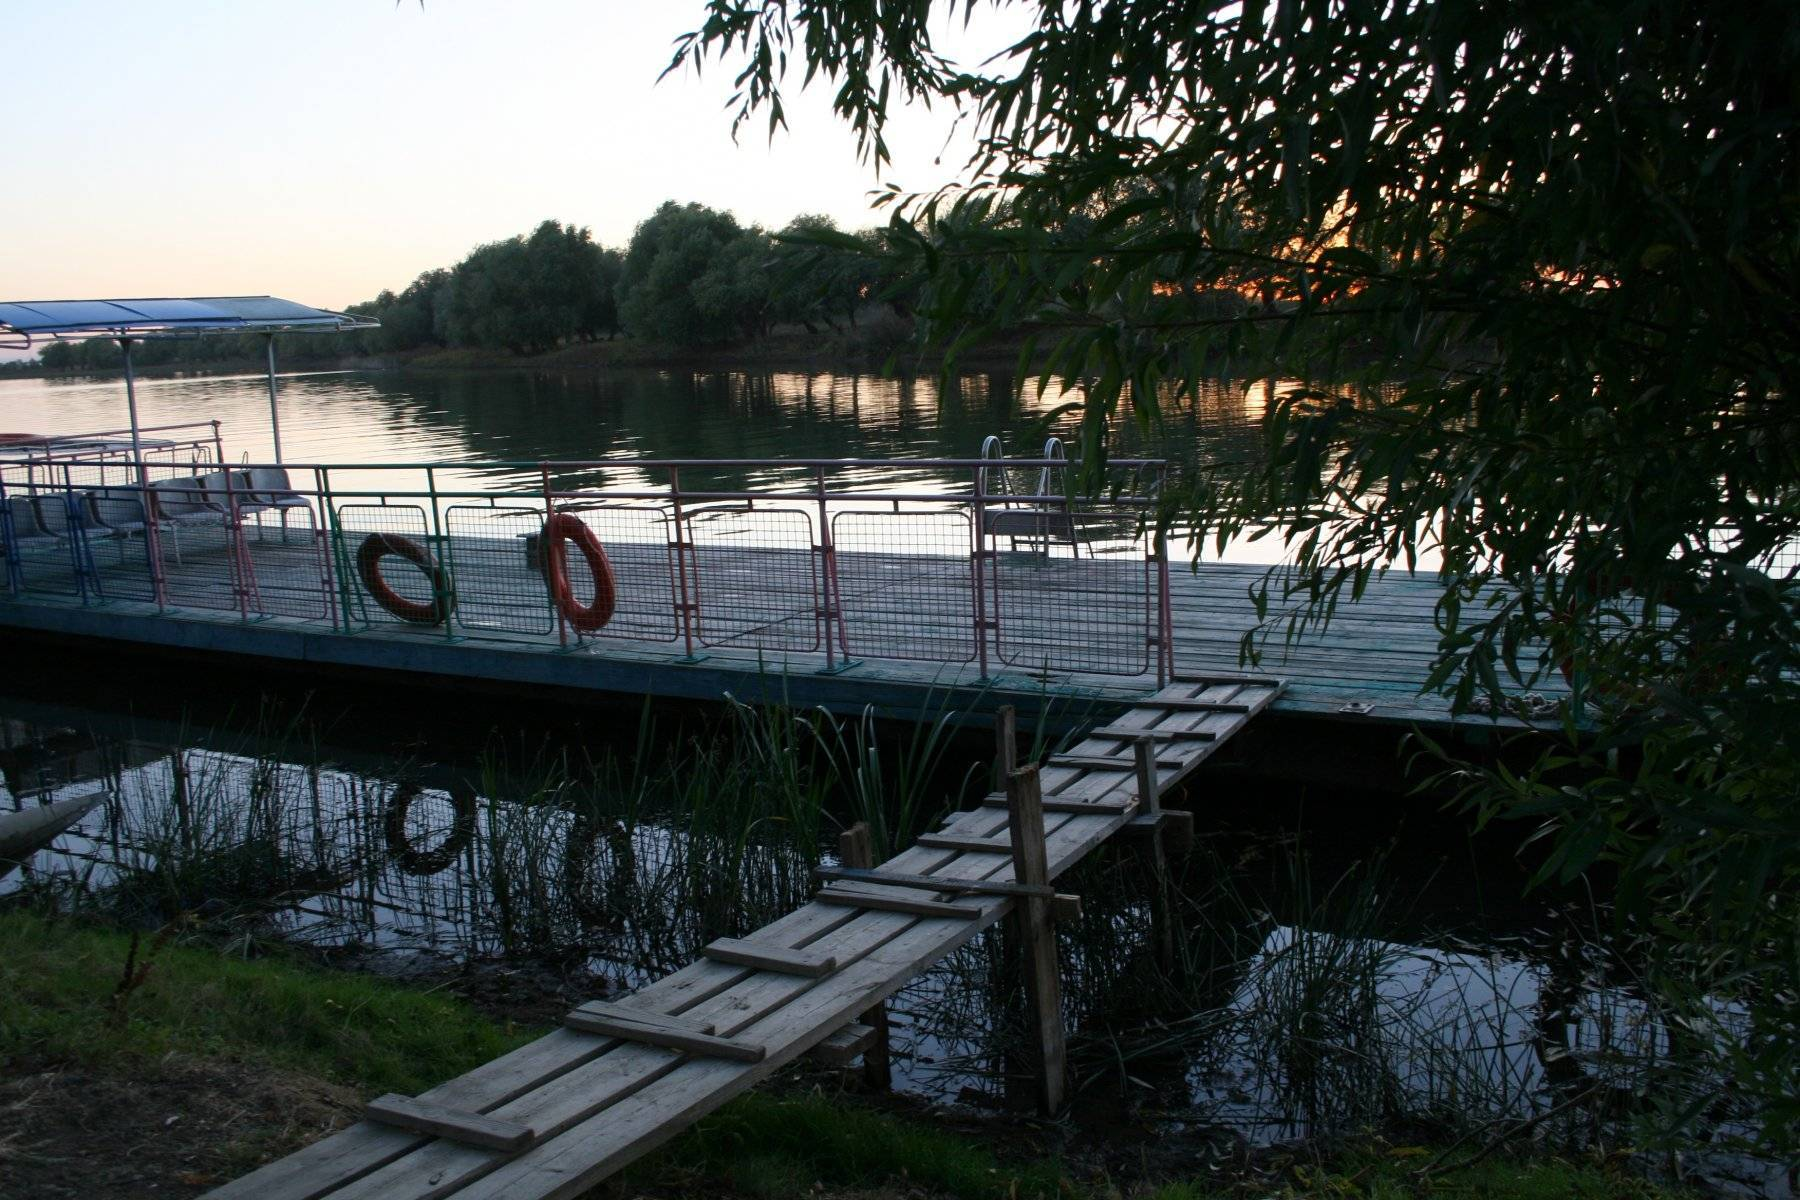 Ивановская область: интересные места и достопримечательности